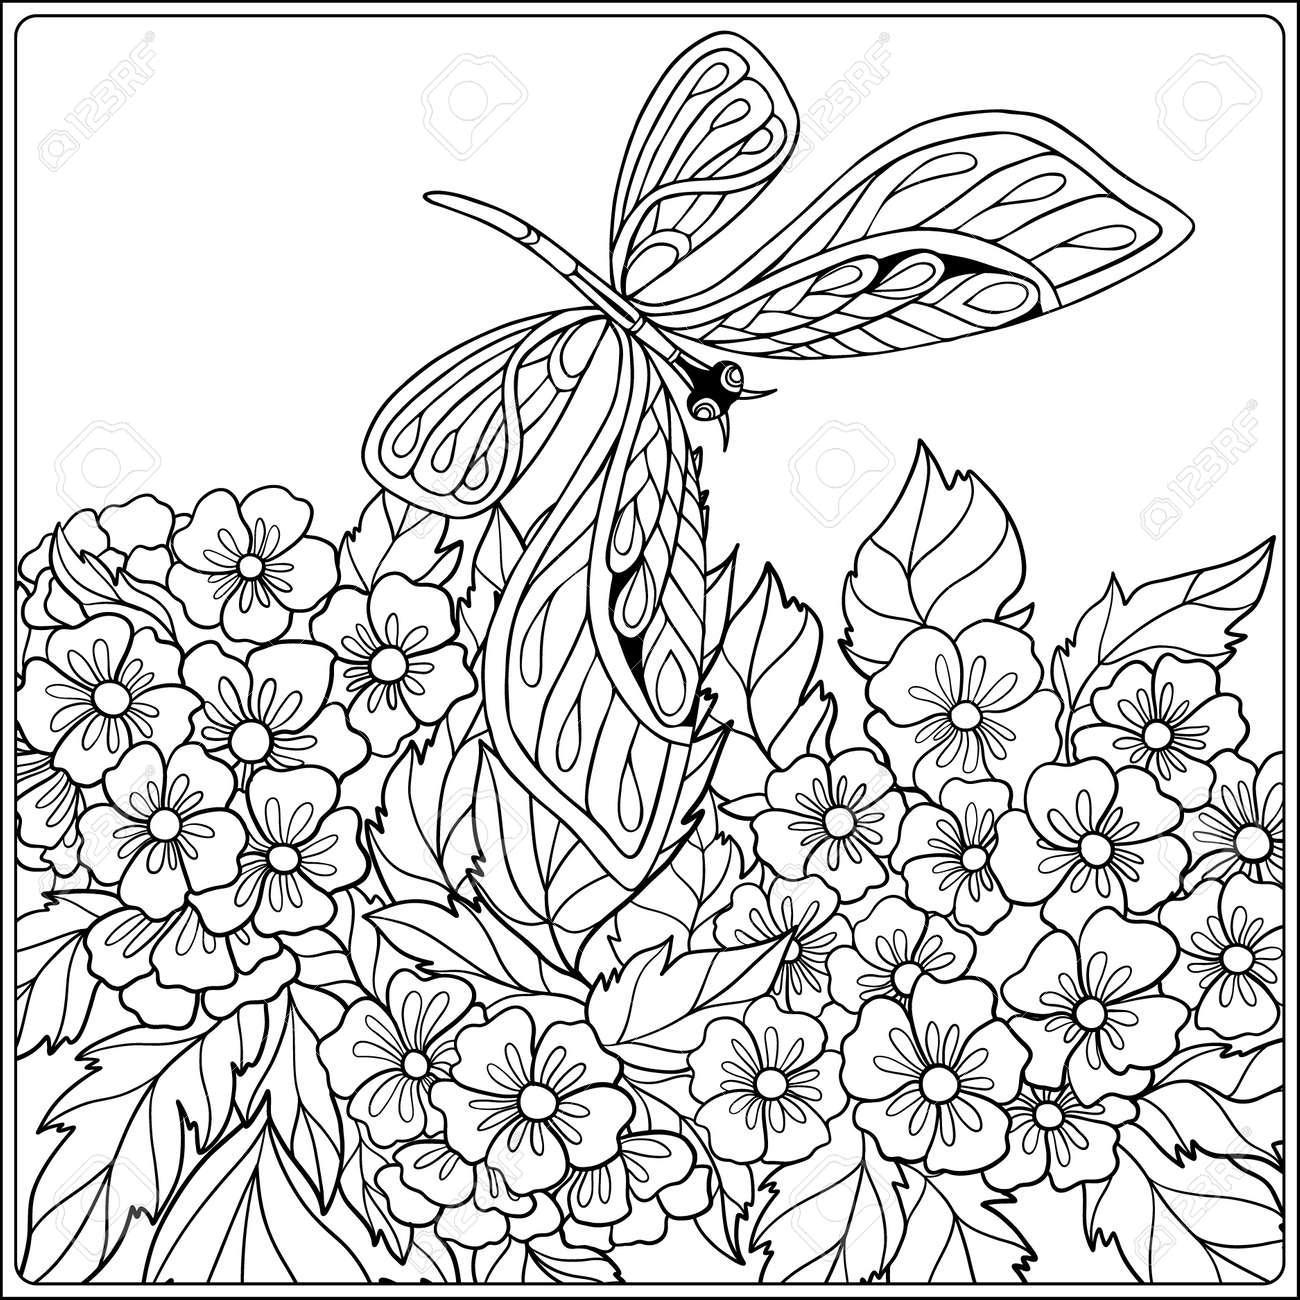 Erfreut Malvorlagen Schmetterlinge Und Blumen Zeitgenössisch - Entry ...